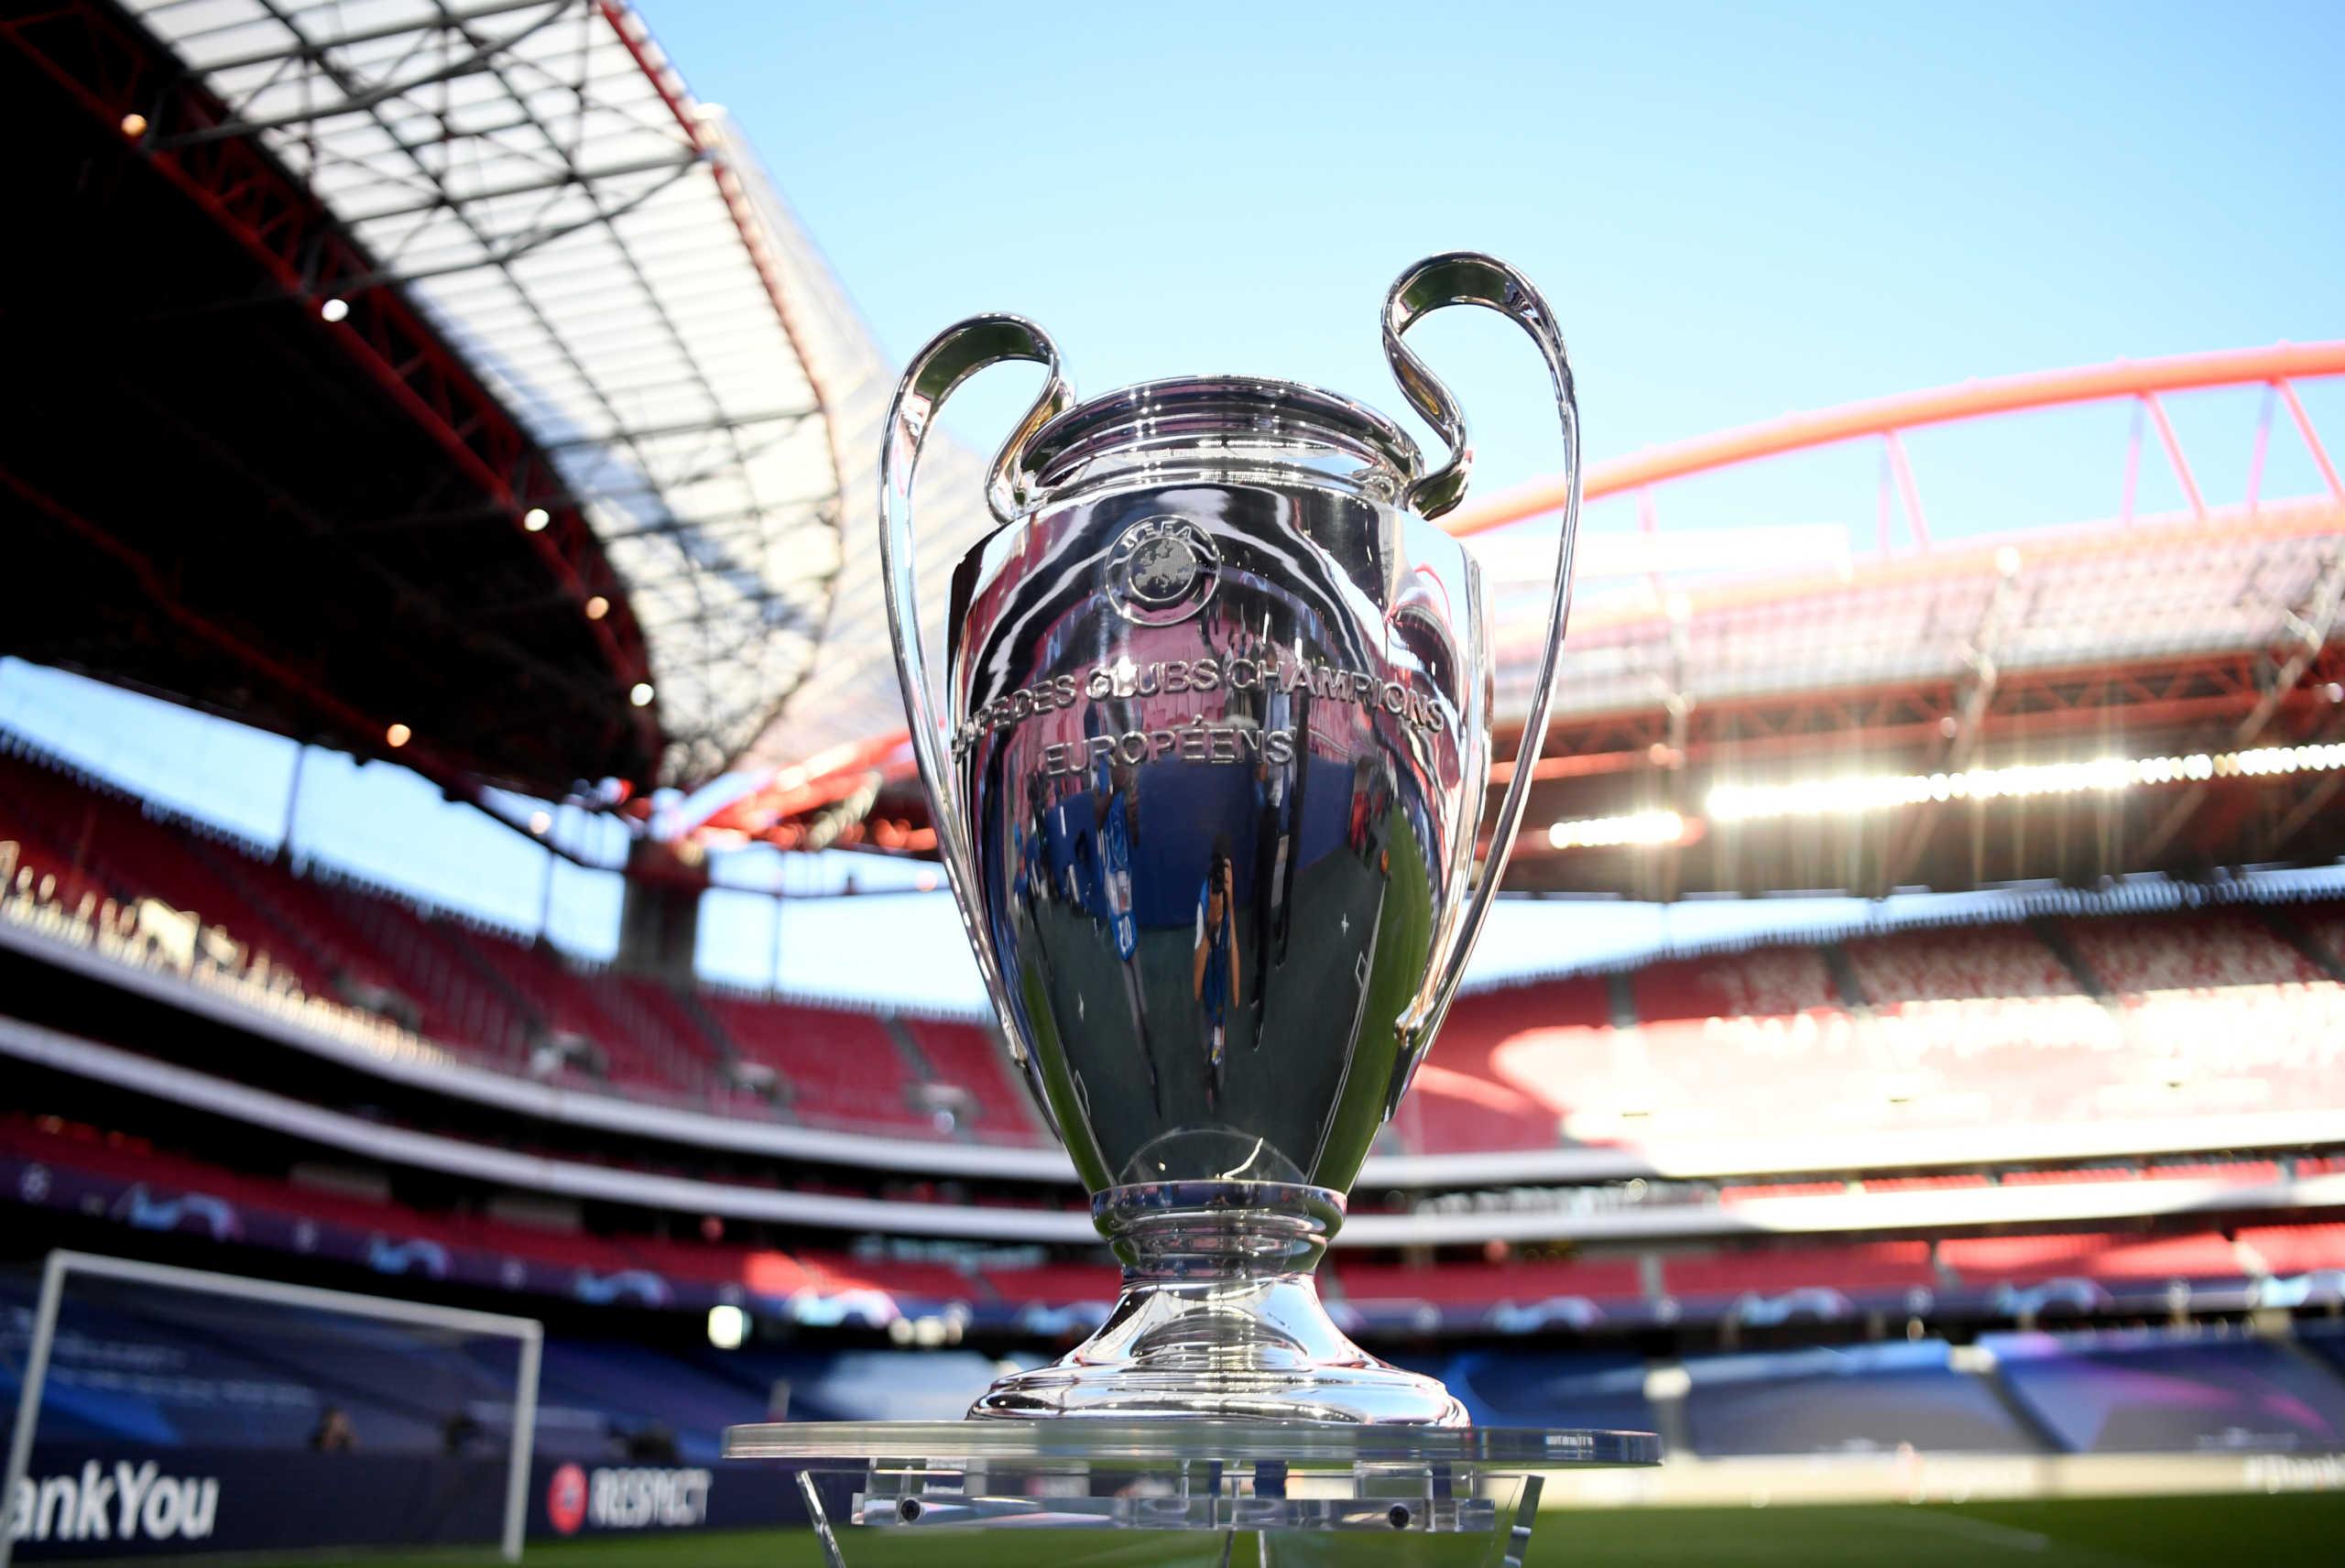 """Παρί και Μπάγερν θέλουν να μπουν στη """"χρυσή βίβλο"""" του Champions League (pic)"""